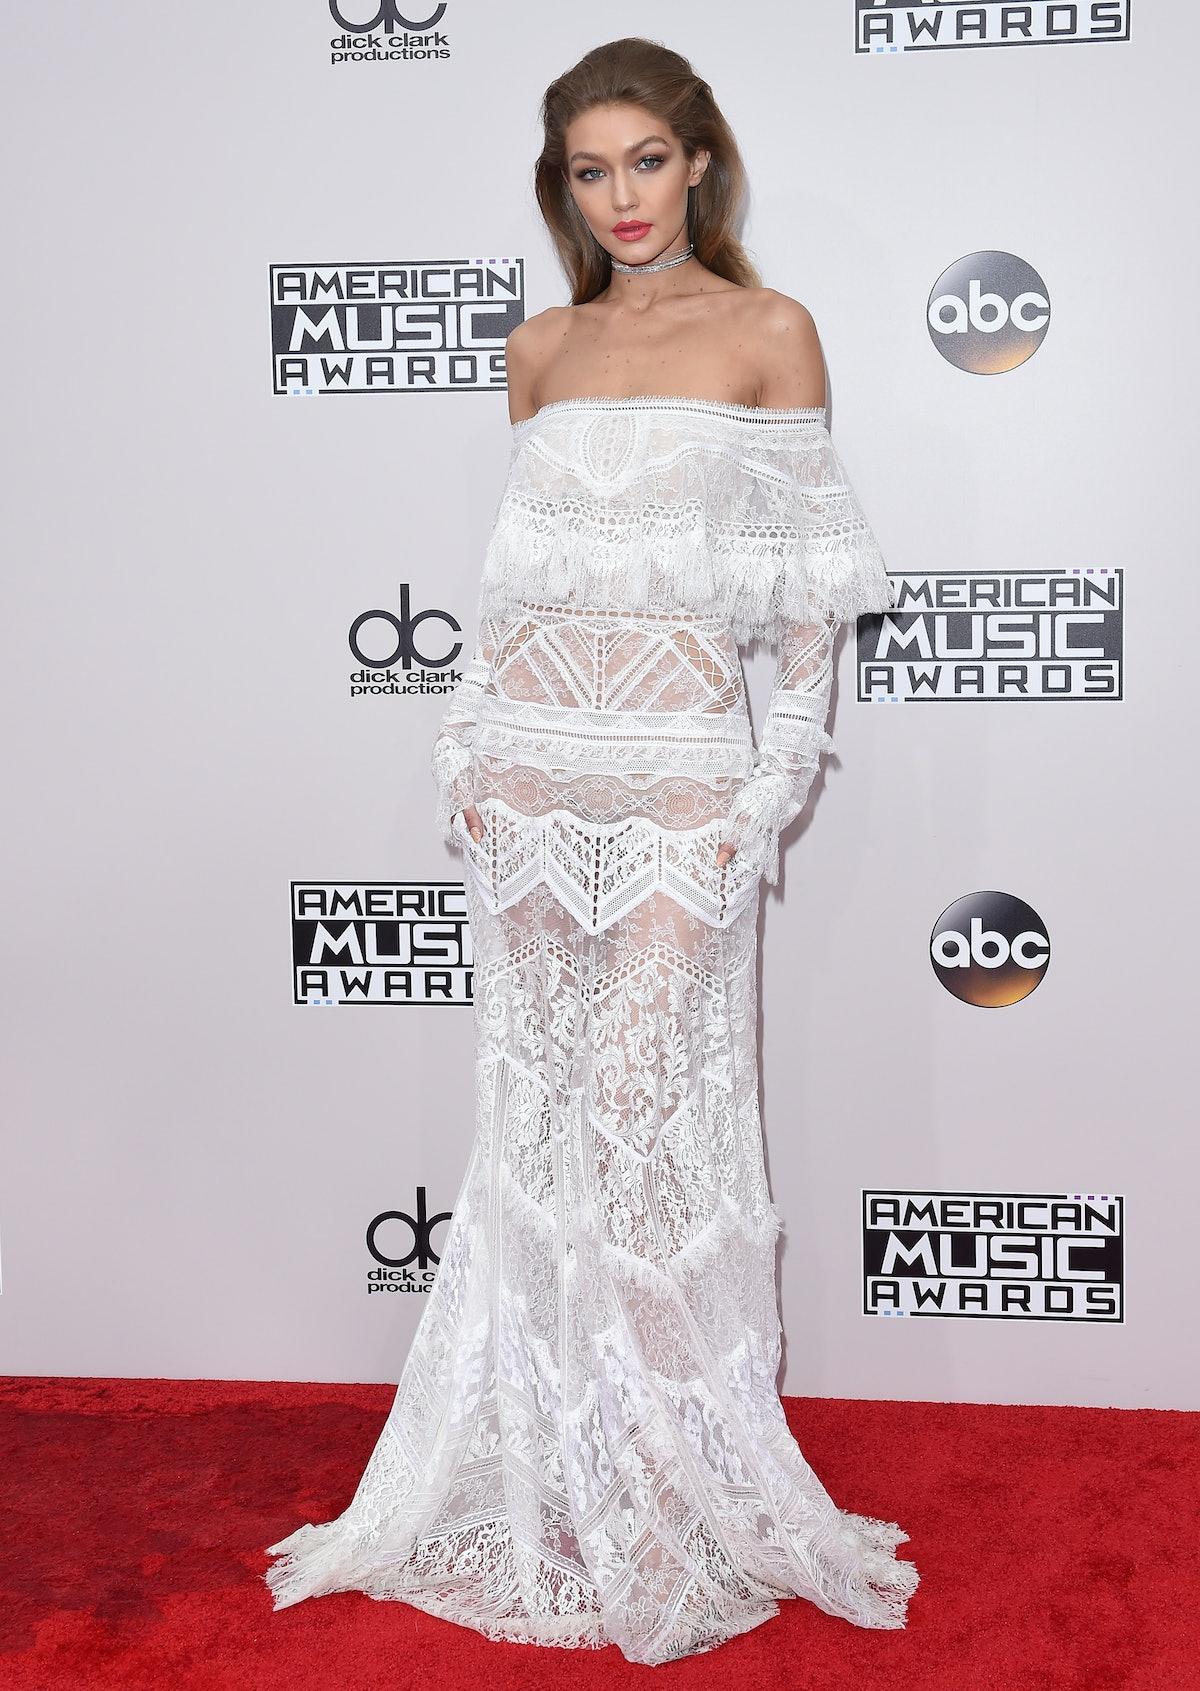 LOS ANGELES, CA - NOVEMBER 20:  Model Gigi Hadid arrives at the 2016 American Music Awards at Micros...